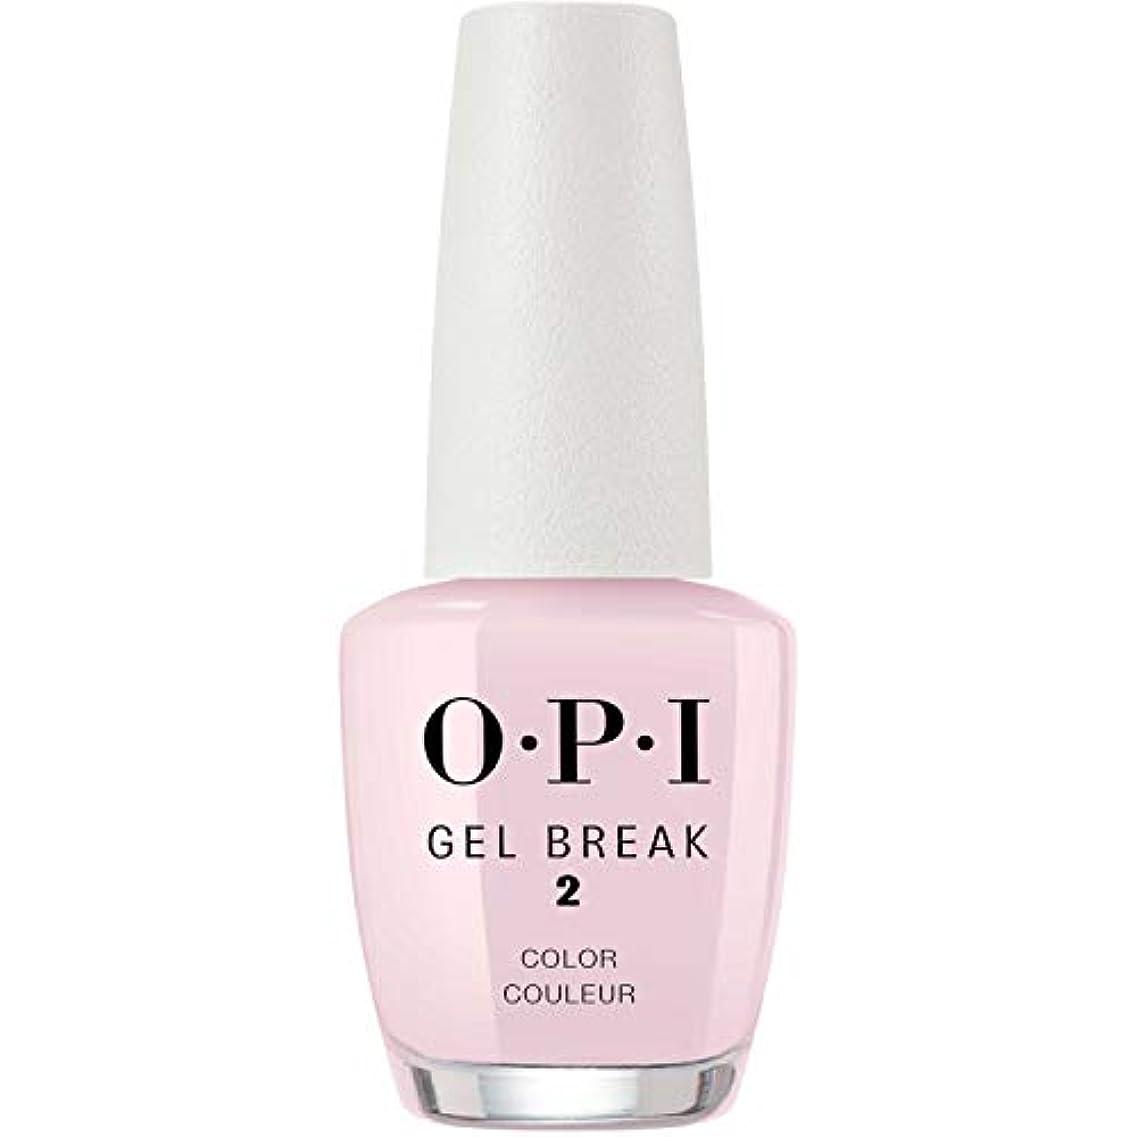 潜在的な価値本気OPI(オーピーアイ) ジェルブレイク NTR03 プロパリー ピンク